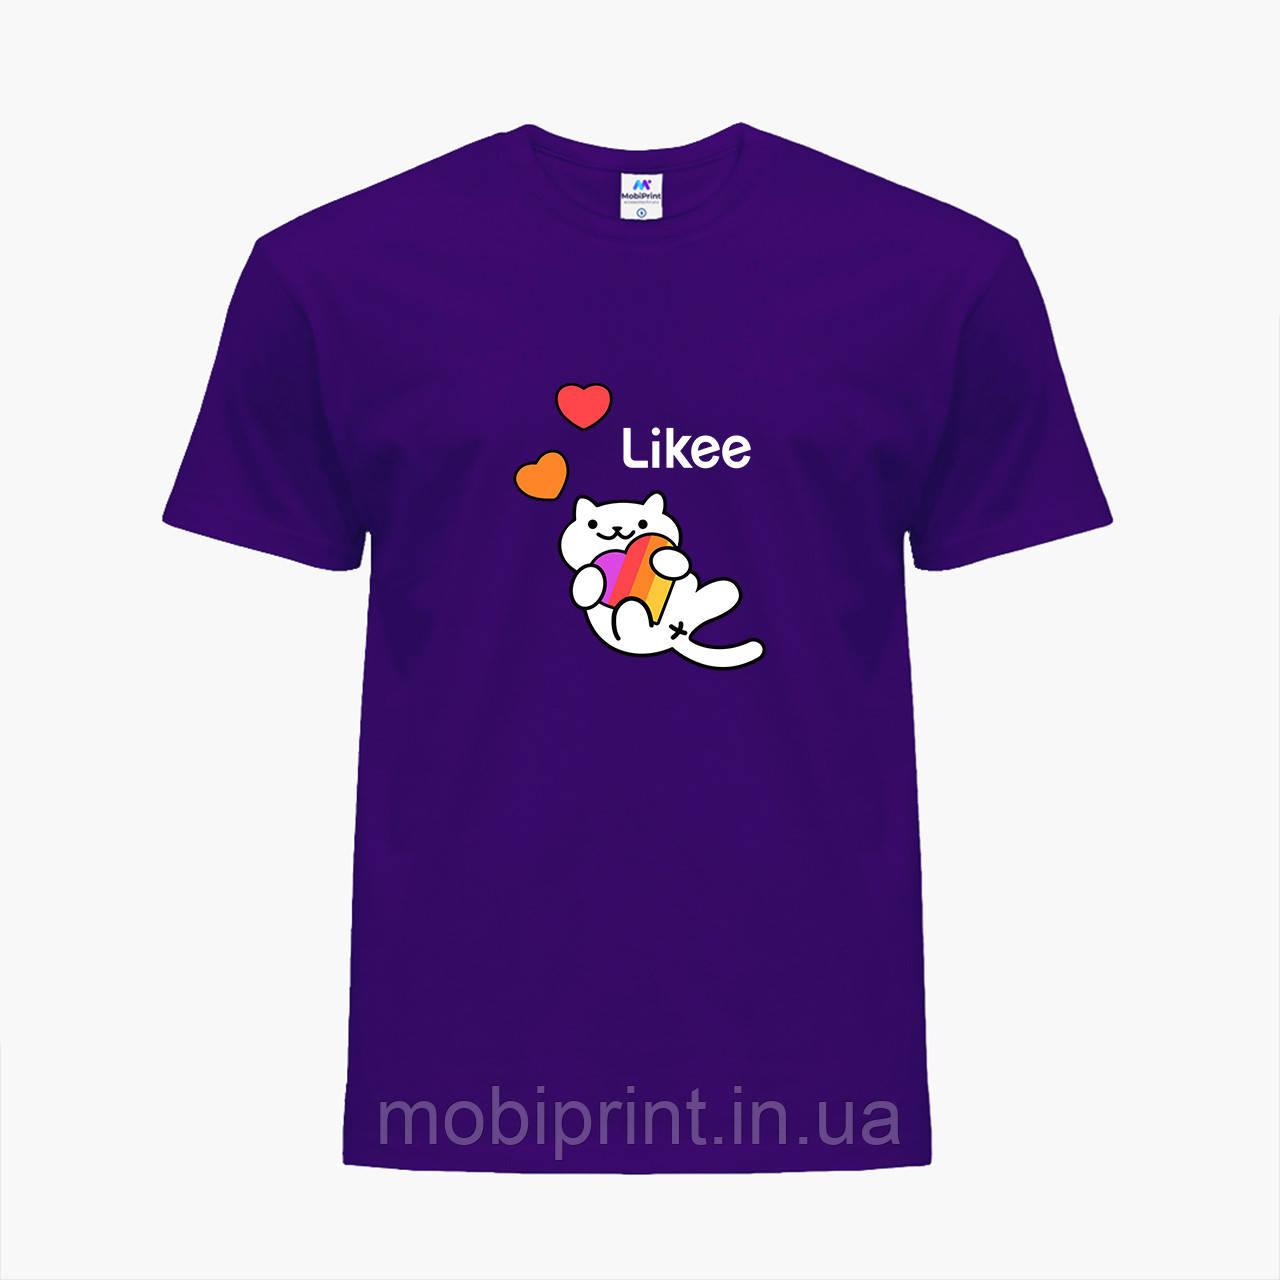 Детская футболка для девочек Лайк (Likee) (25186-1039) Фиолетовый